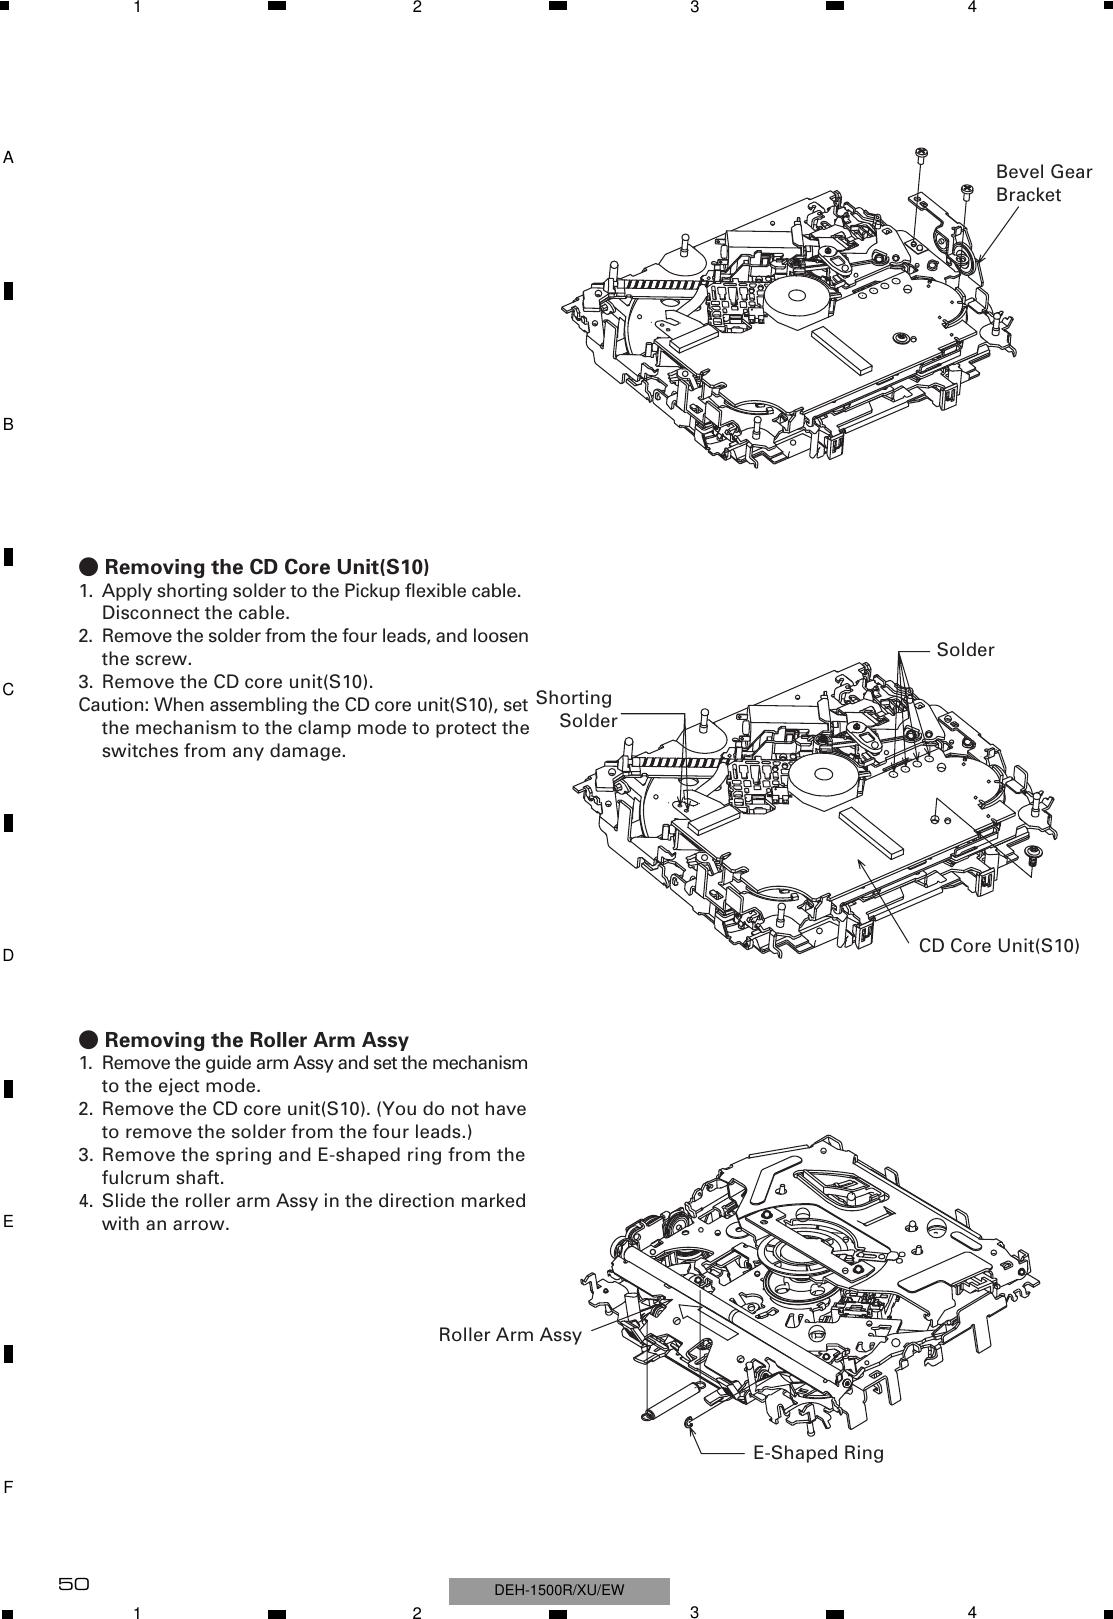 Pioneer Deh 1500Rxu Ew Users Manual CRT2969